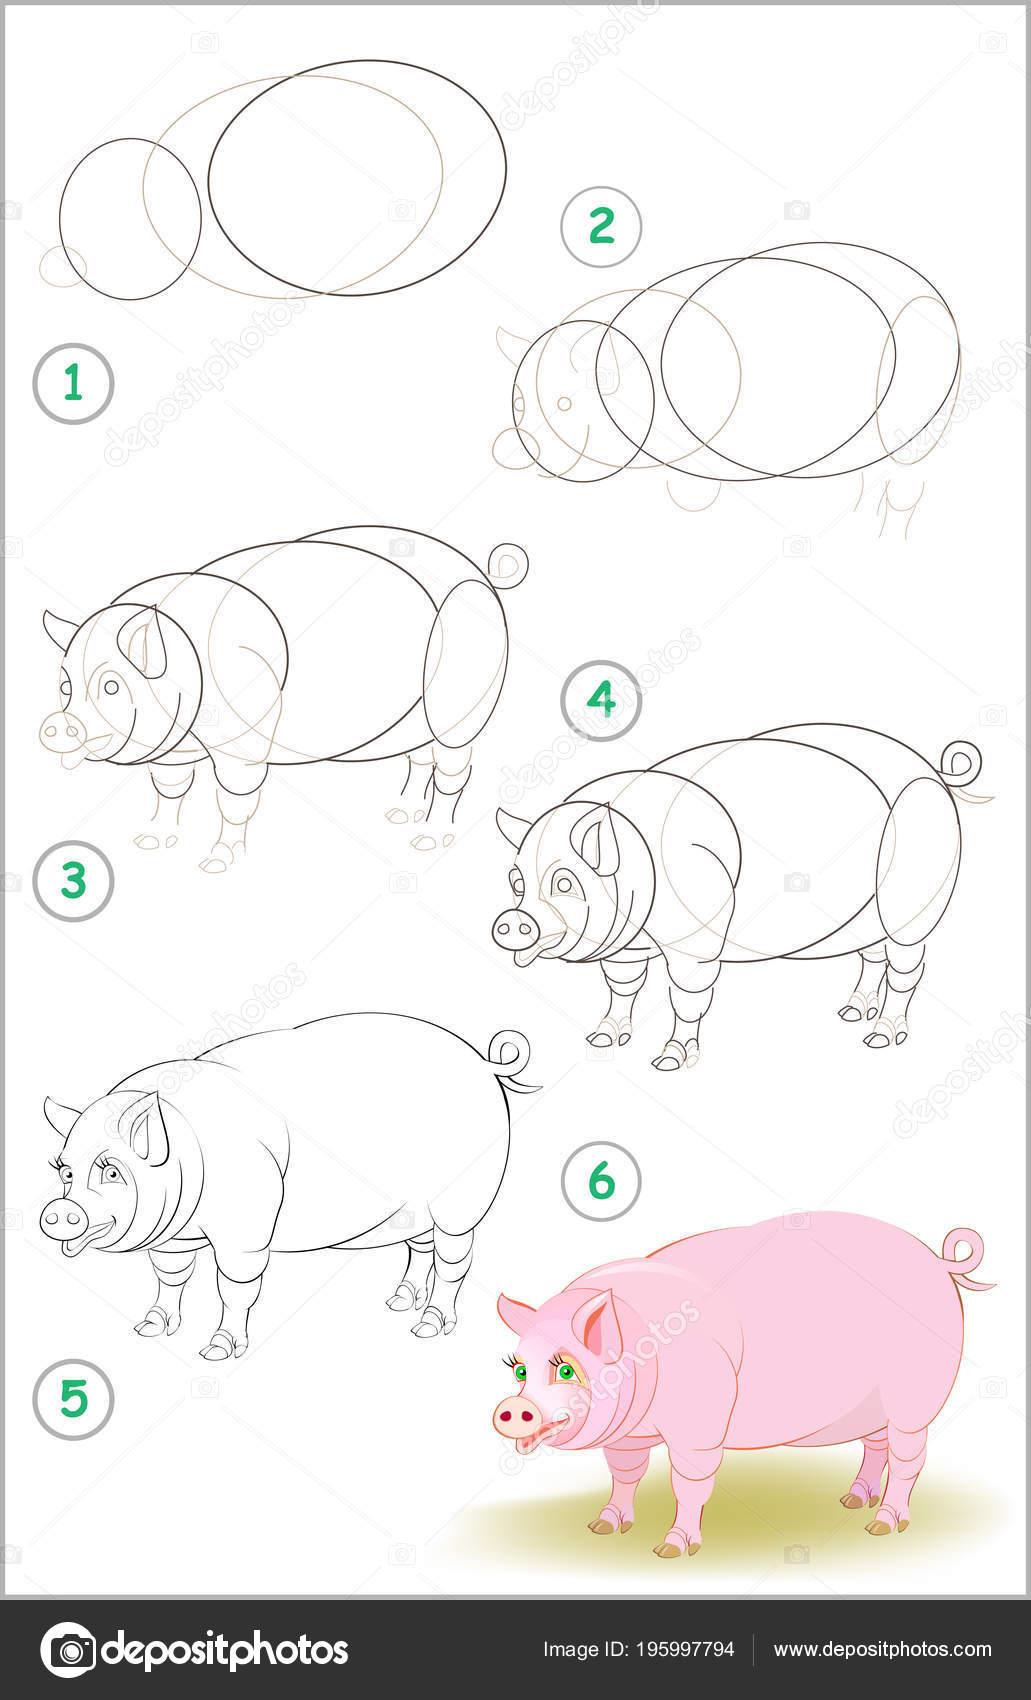 Página Muestra Cómo Aprender Paso Paso Para Dibujar Cerdo Lindo Imagen Vectorial De Nataljacernecka 195997794 Depositphotos